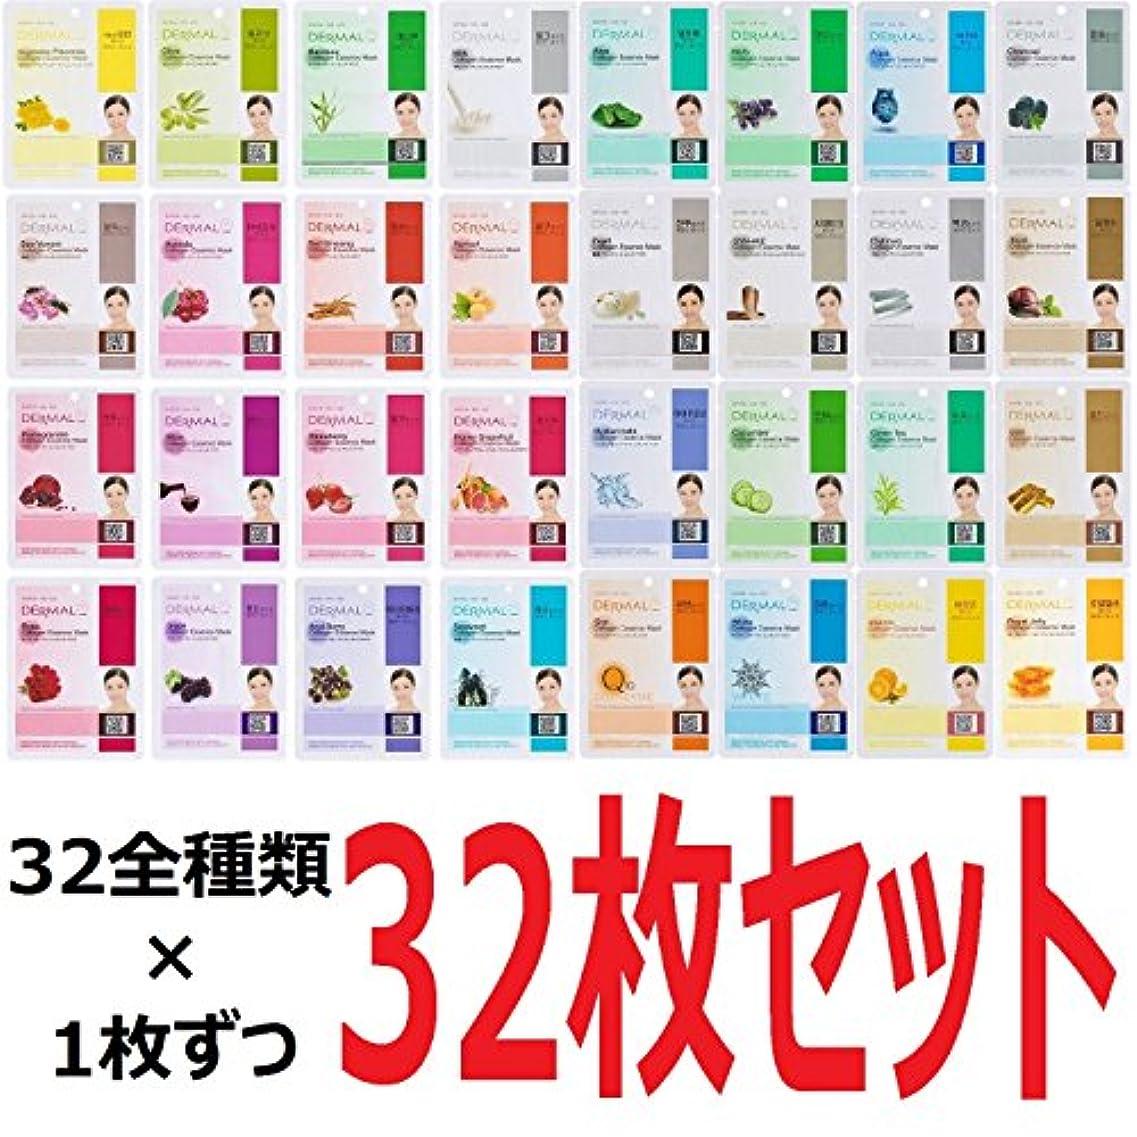 お風呂を持っている悲しいフリルDERMAL(ダーマル) エッセンスマスク 32枚セット(32種全種類)/Essence Mask 32pcs [並行輸入品]